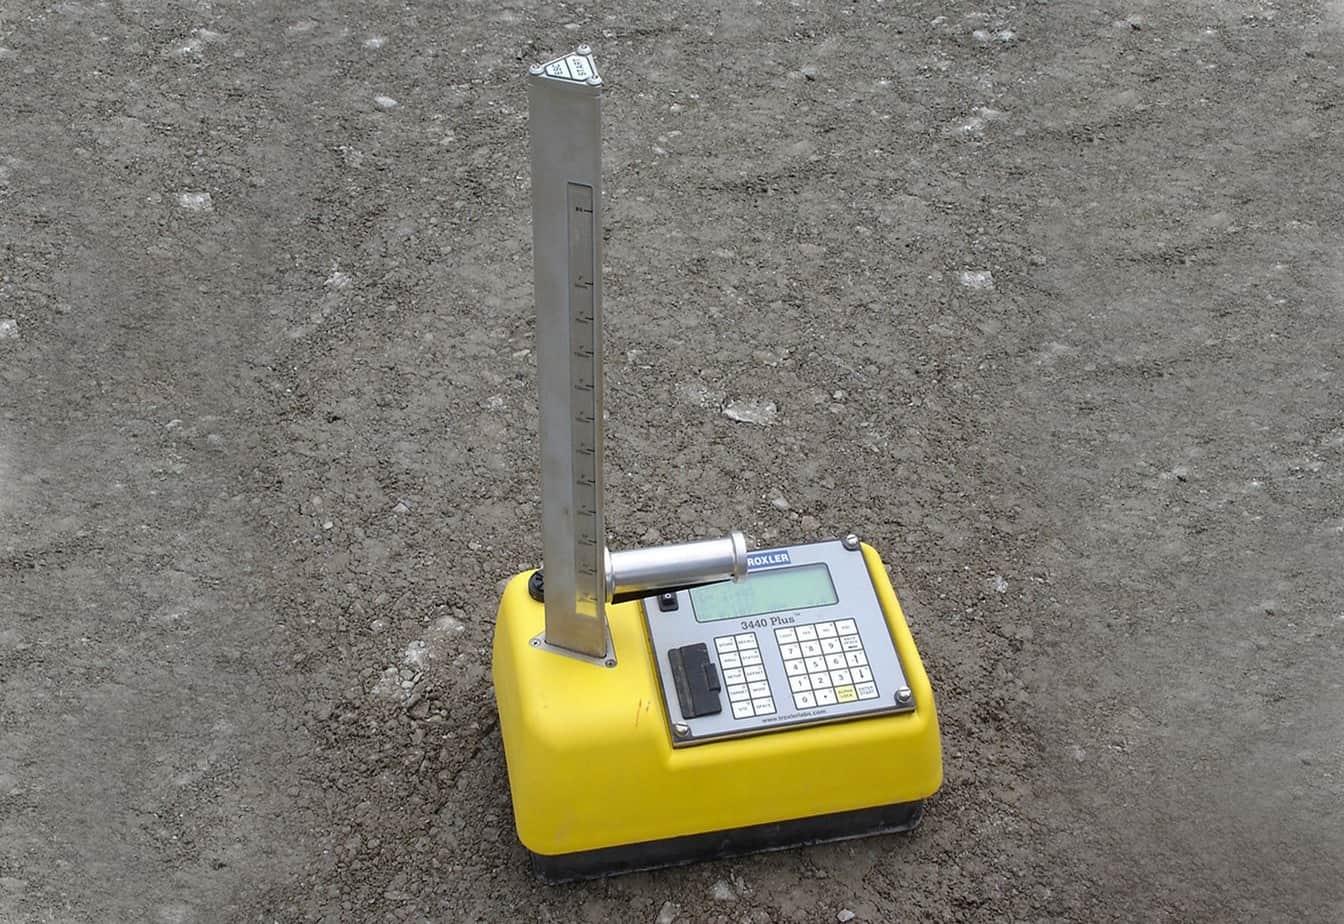 Le verifiche effettuate presso il campo prova e il controllo di qualità durante la costruzione (fase della misura della densità in sito)